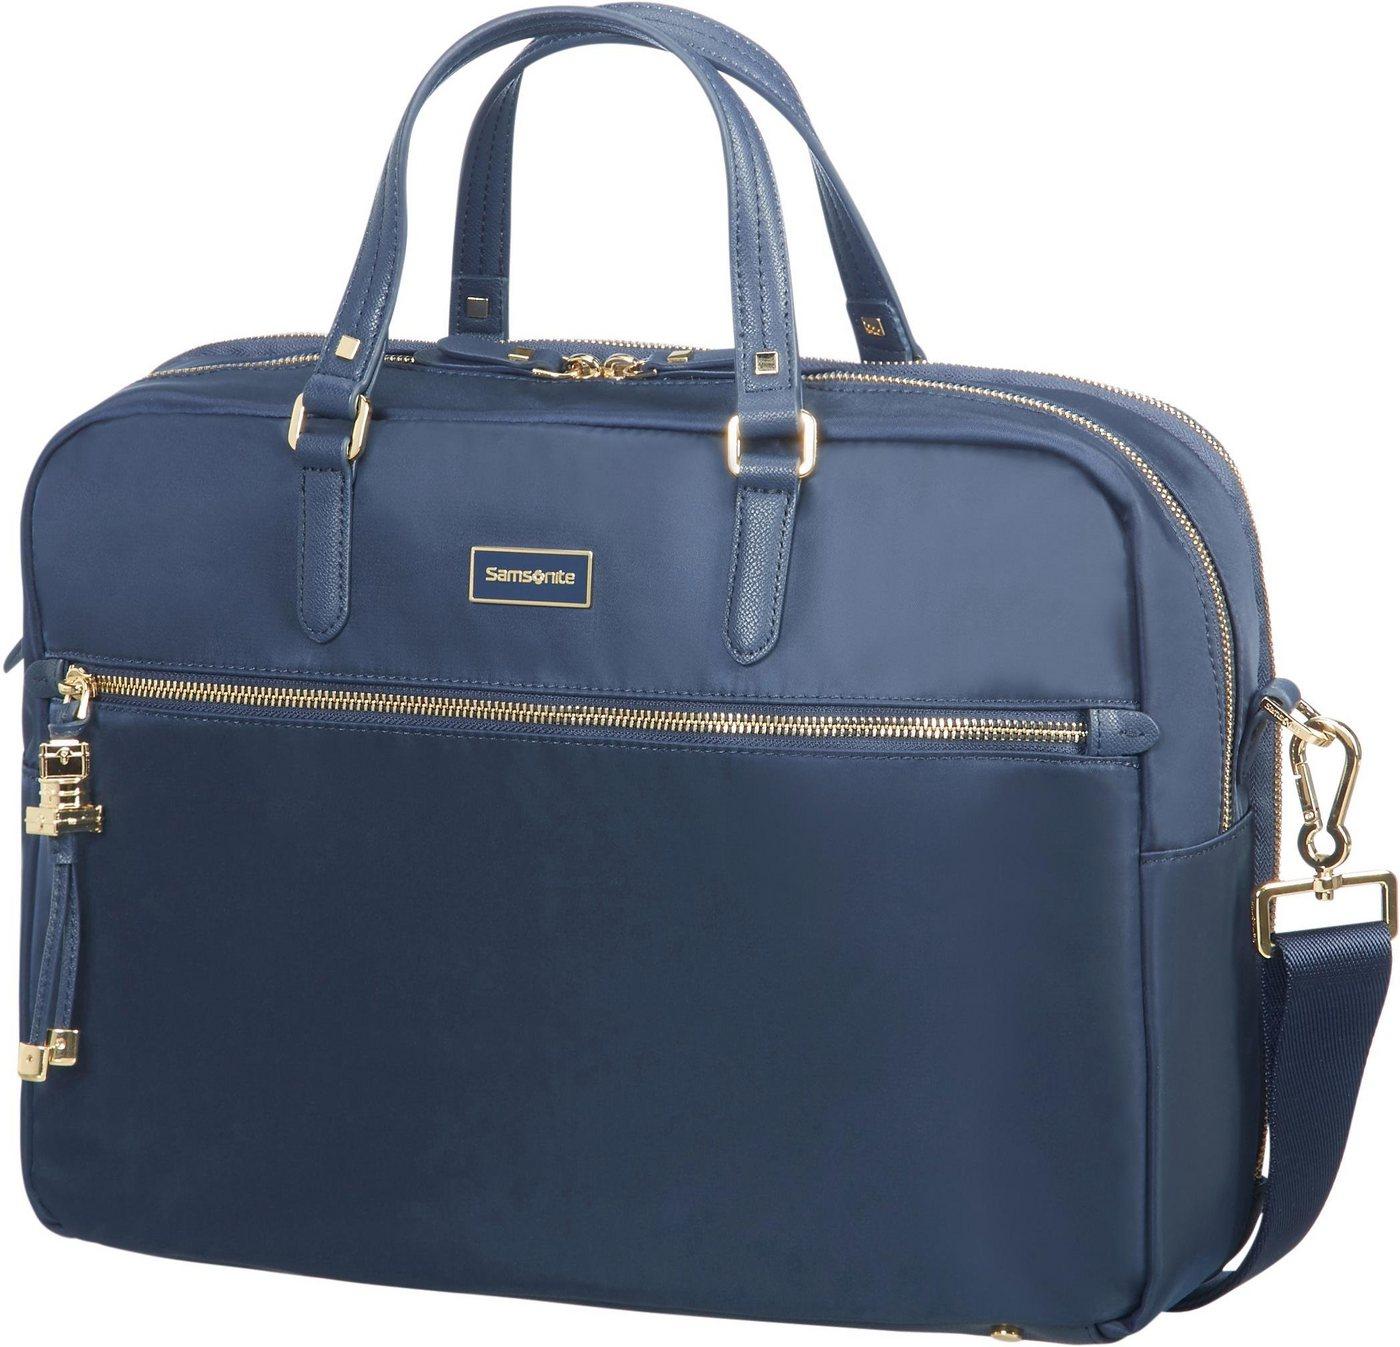 Samsonite Businesstasche »Karissa Biz, 2 Fächer«, mit 15,6-Zoll Laptopfach | Taschen > Business Taschen | Blau | Samsonite